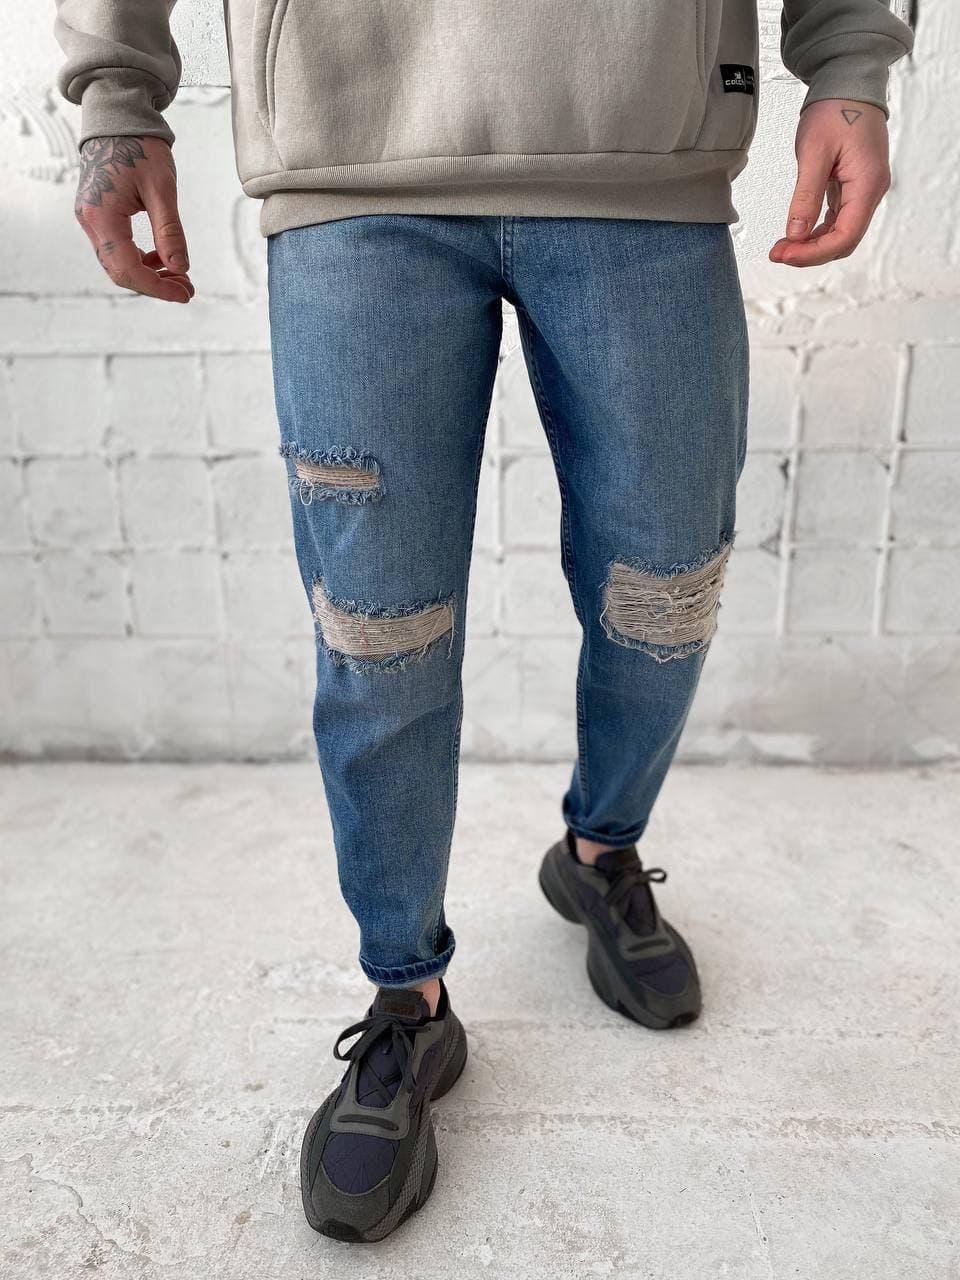 😝 Джинсы - Мужские широкие Джинсы / чоловічі джинси голубі з якісного коттону